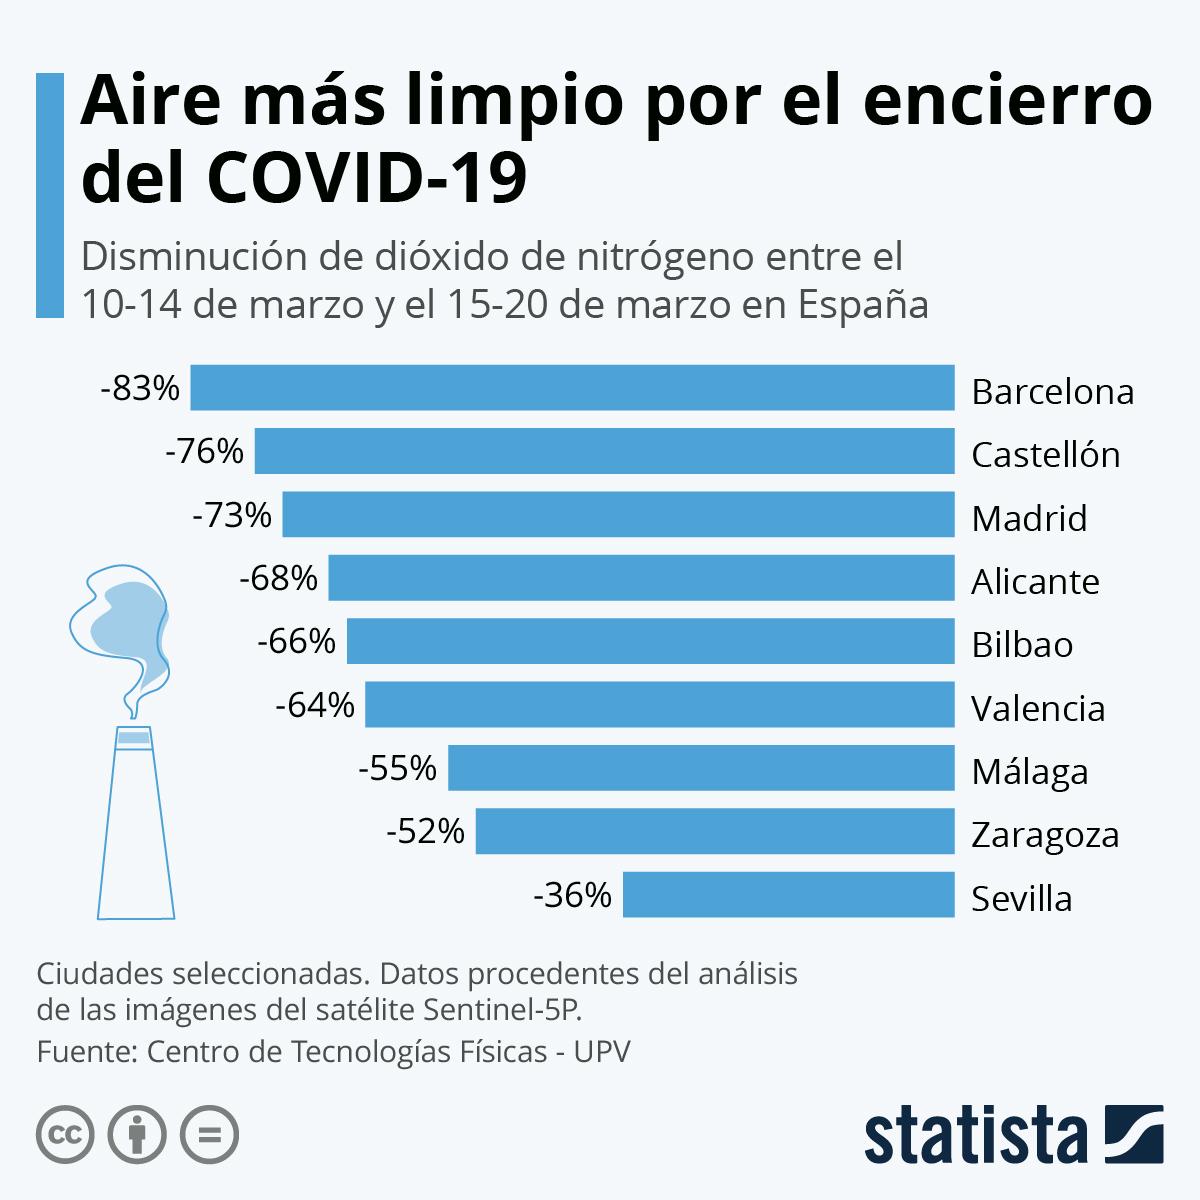 Infografía: Aire más limpio en las ciudades por el COVID-19 | Statista